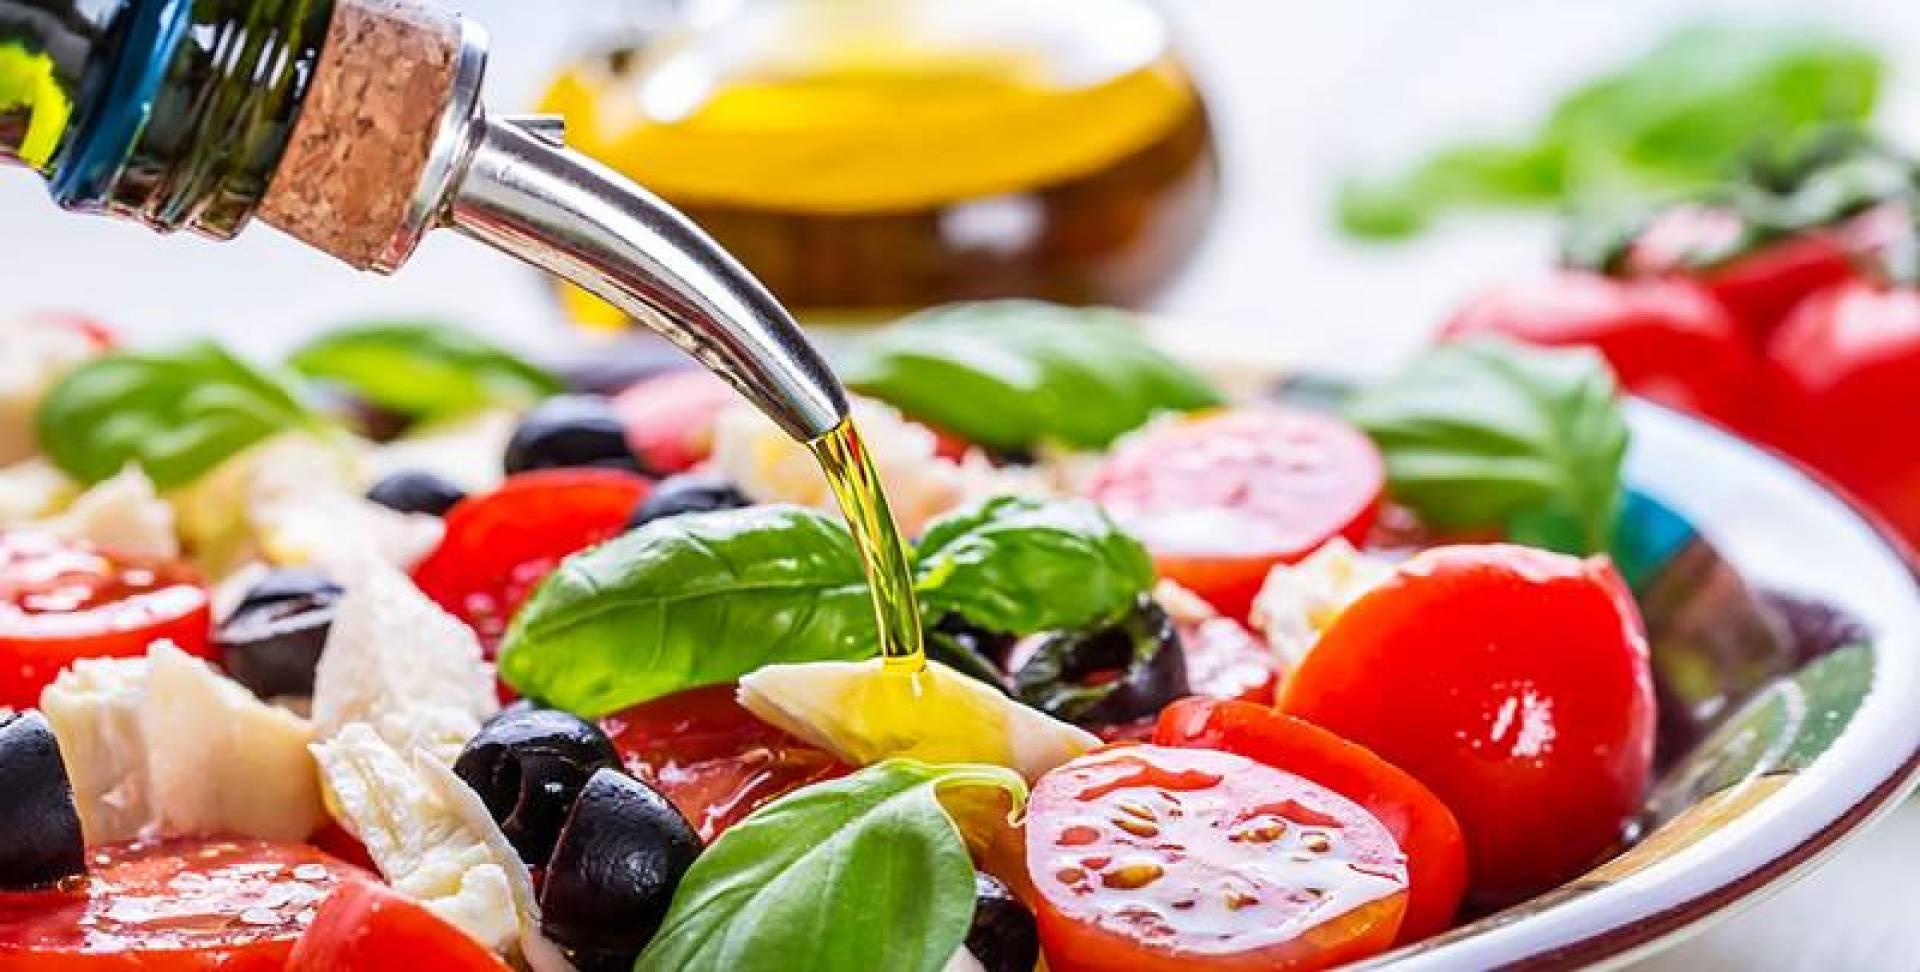 حمية البحر المتوسط أفضل نظام غذائي